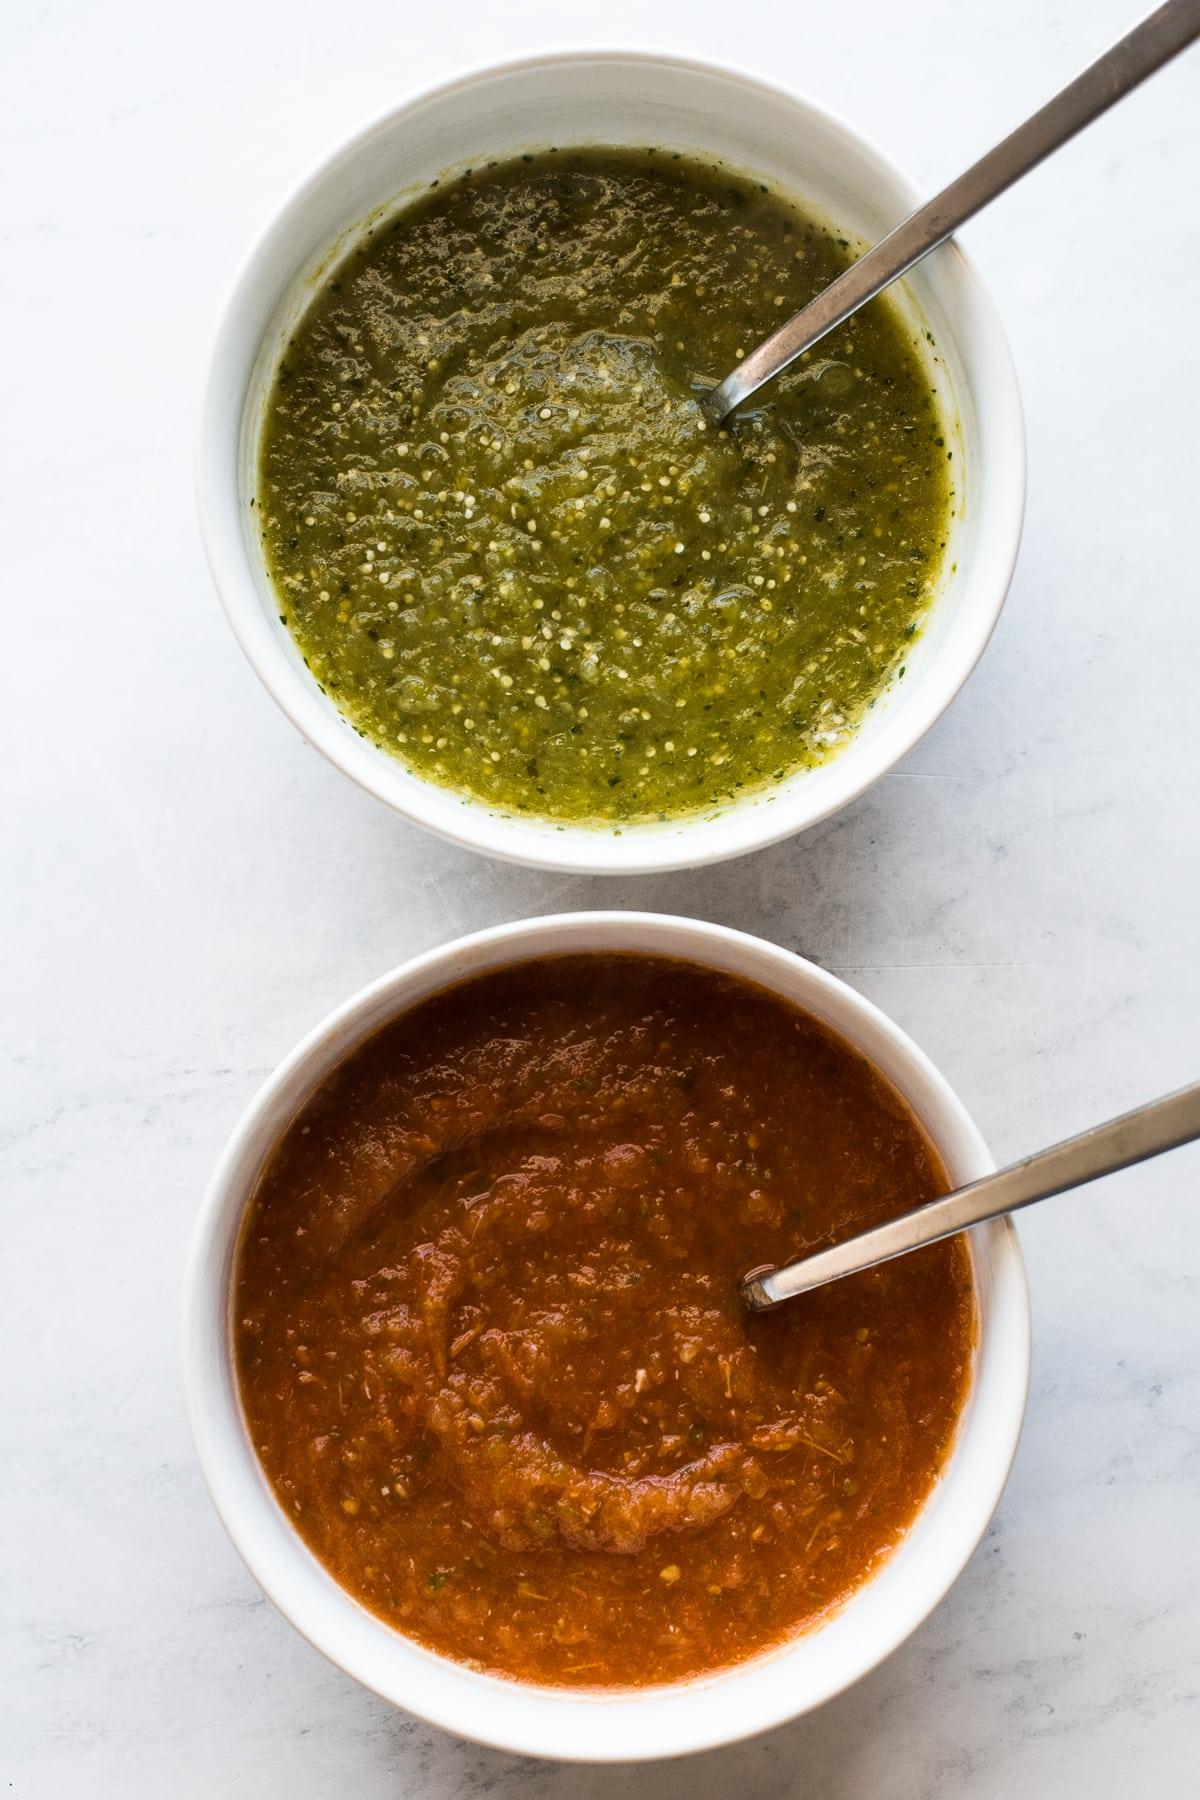 Salsa roja and salsa verde in bowls for huevos divorciados.